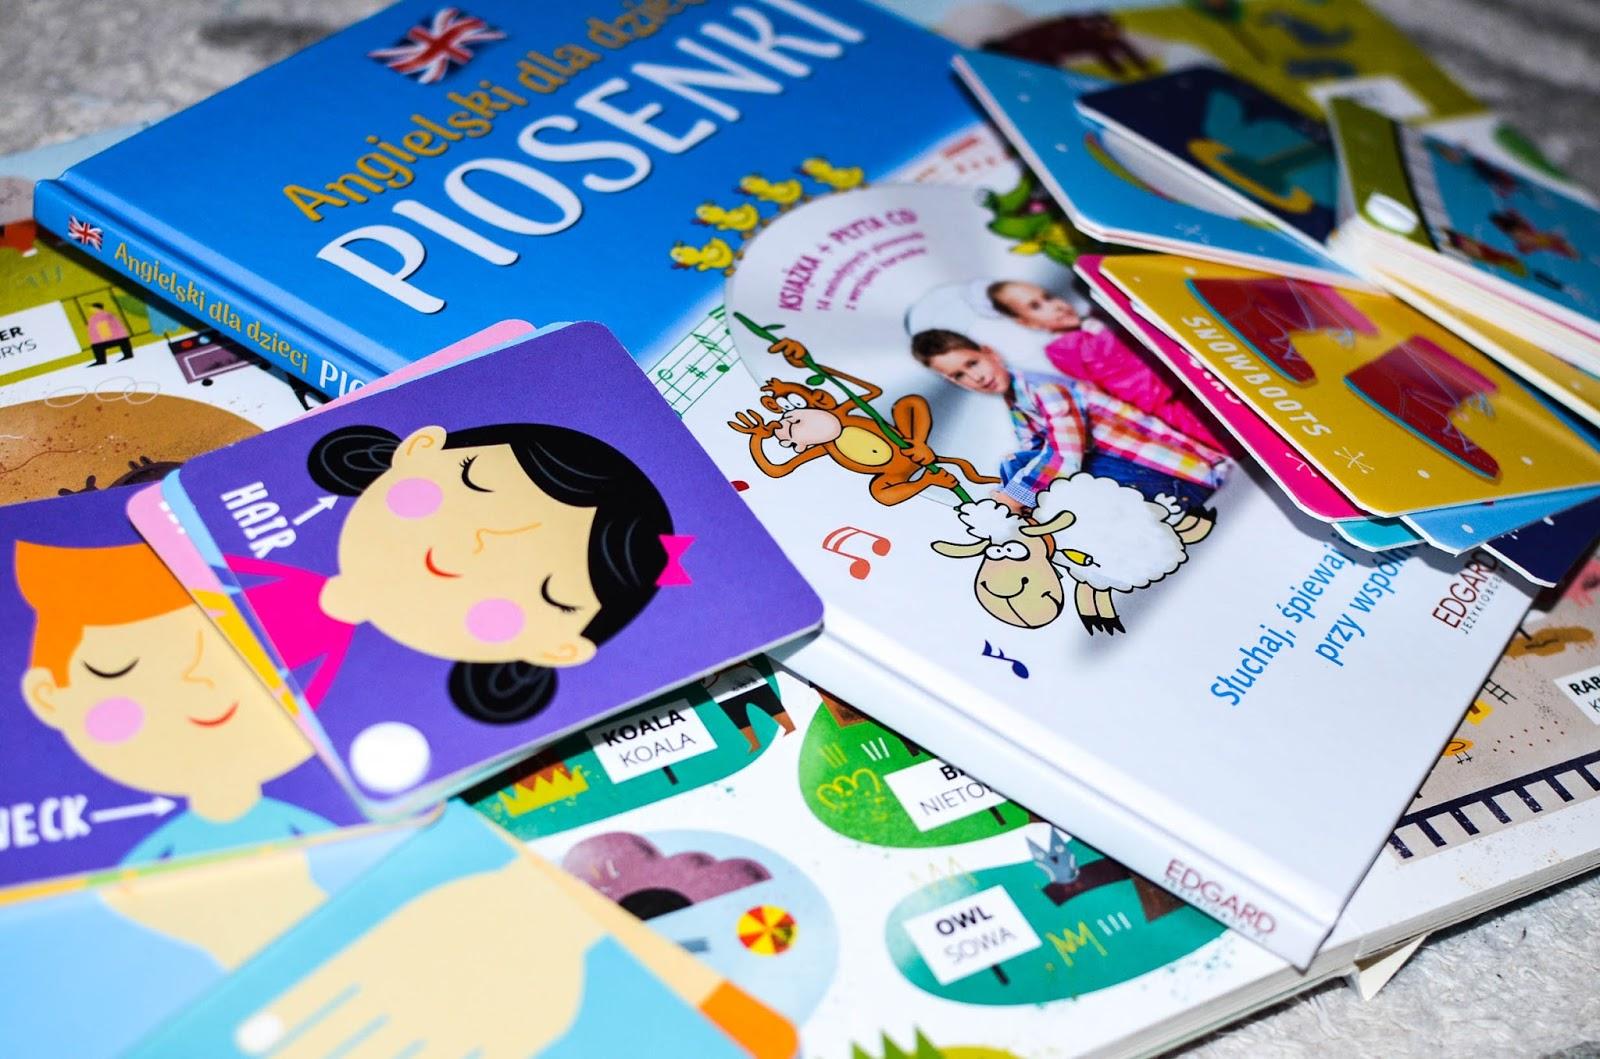 książki dla przedszkolaka, nauka angielskiego dla dzieci, Edgard, Kapitan Nauka, 3-5, 0-2, karty obrazkowe, książki kartonowe,